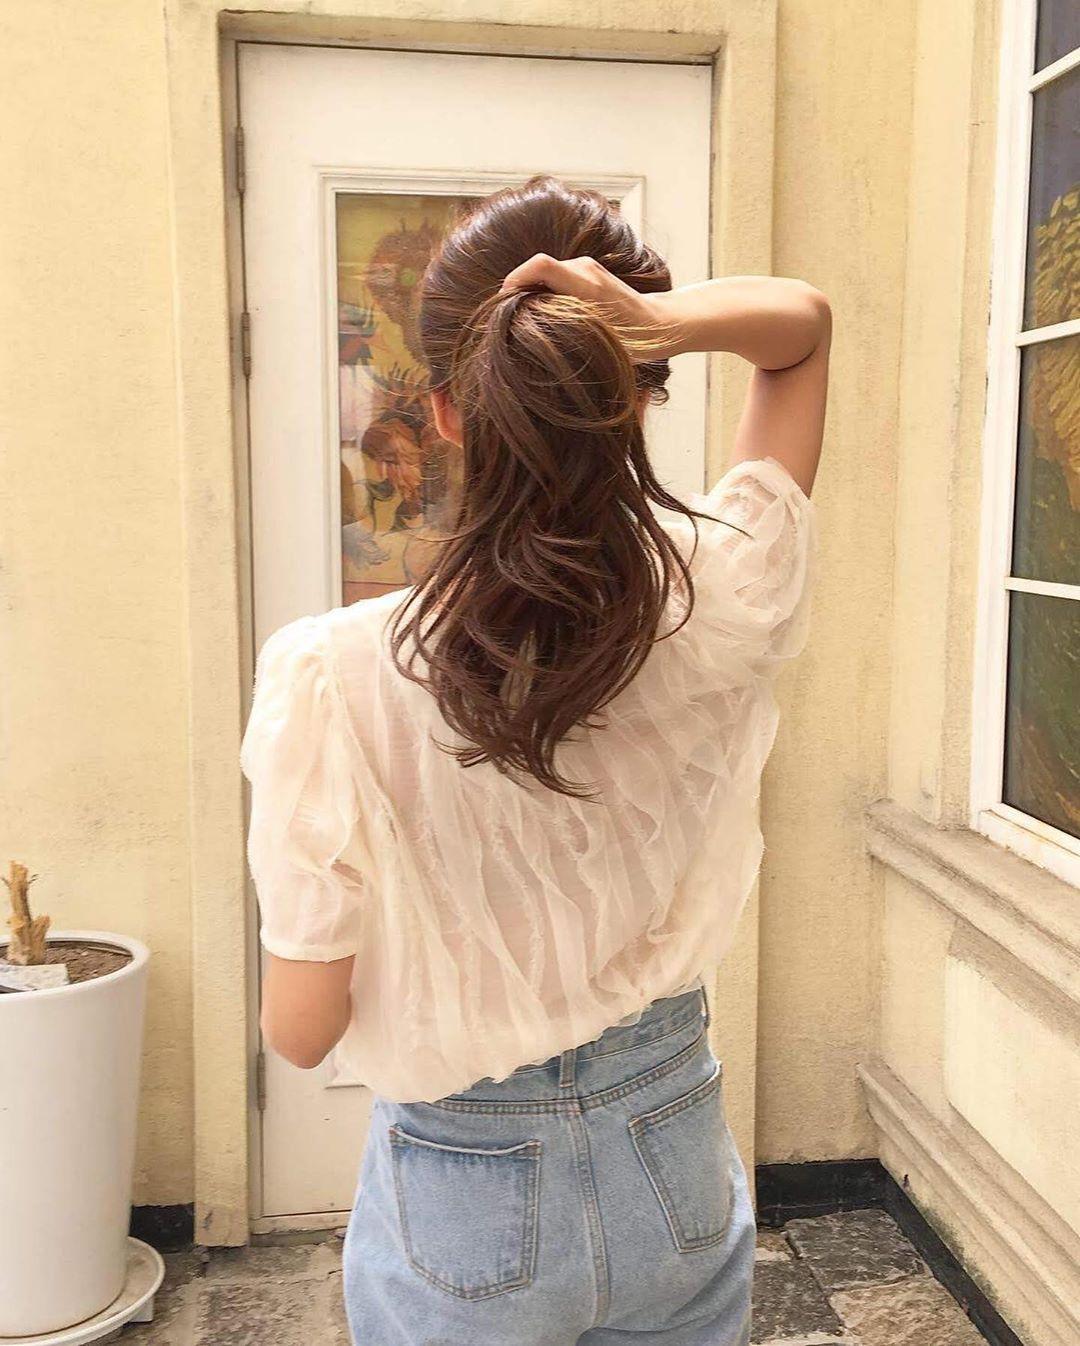 Tuyệt chiêu mà thợ sấy tóc không bao giờ nói với bạn: Cực đơn giản mà giúp tóc bồng bềnh gấp đôi - Ảnh 4.